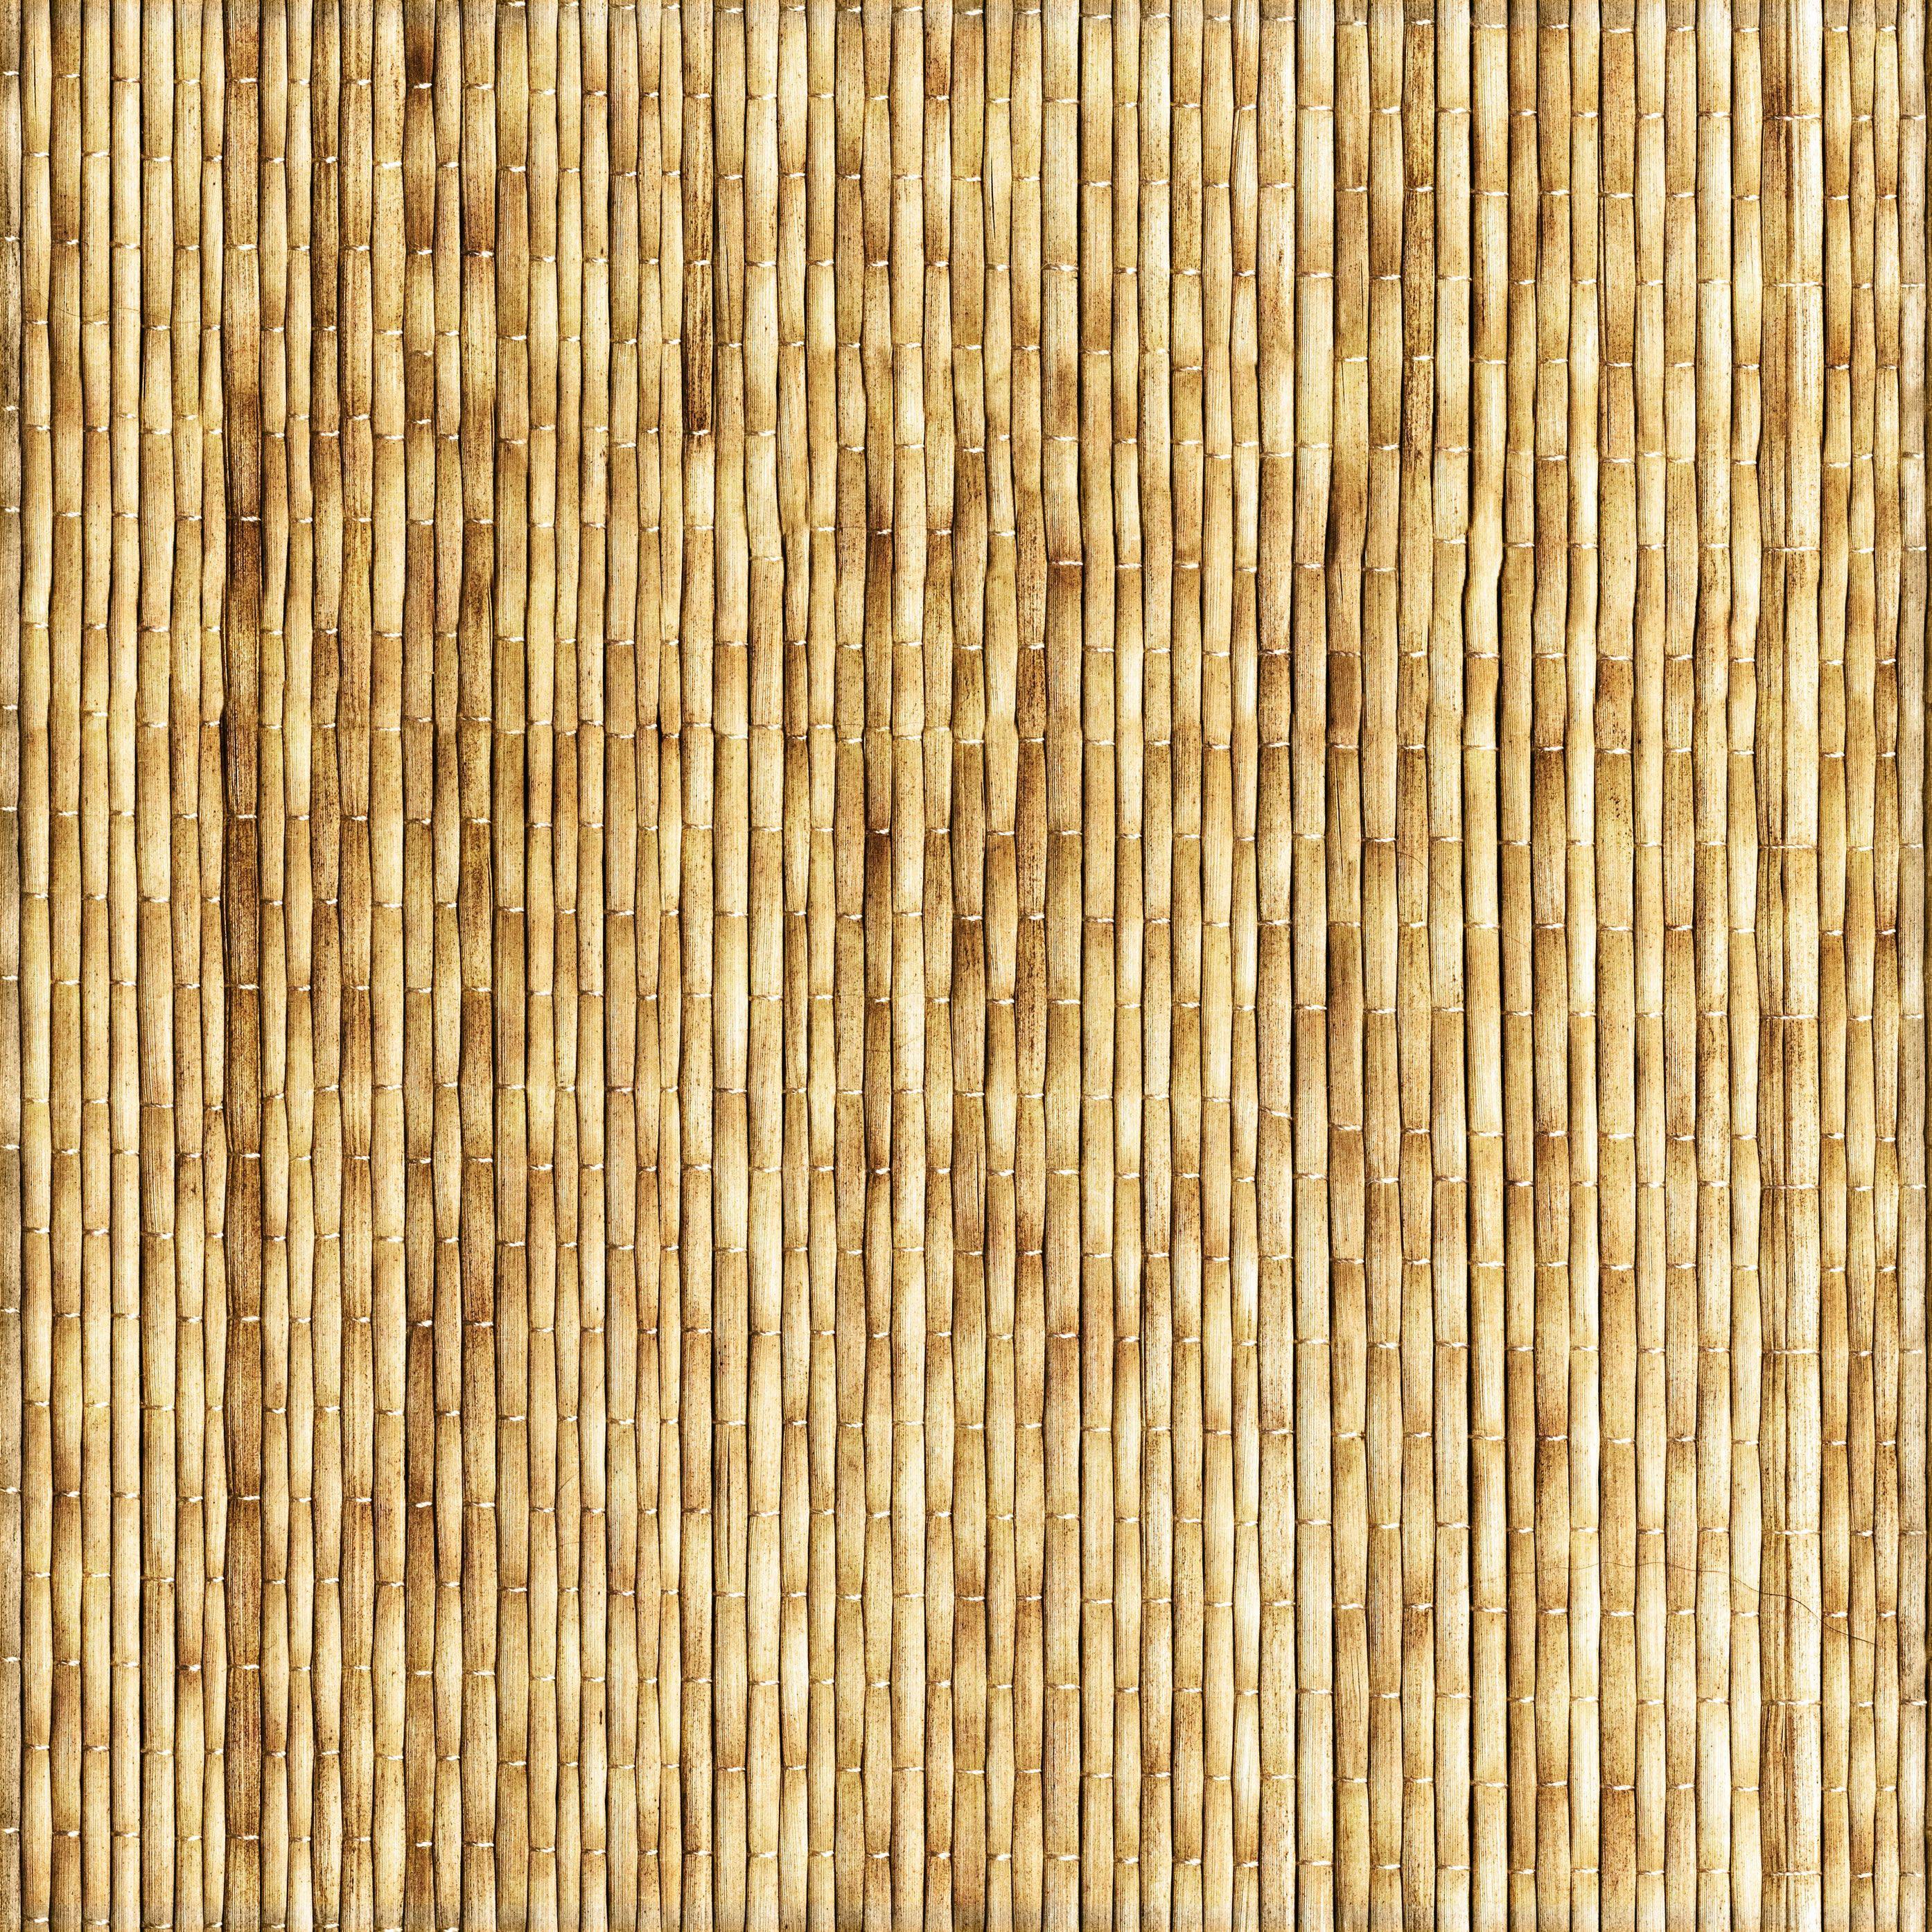 bambooовая циновка, коврик, texture, download photo, background ...